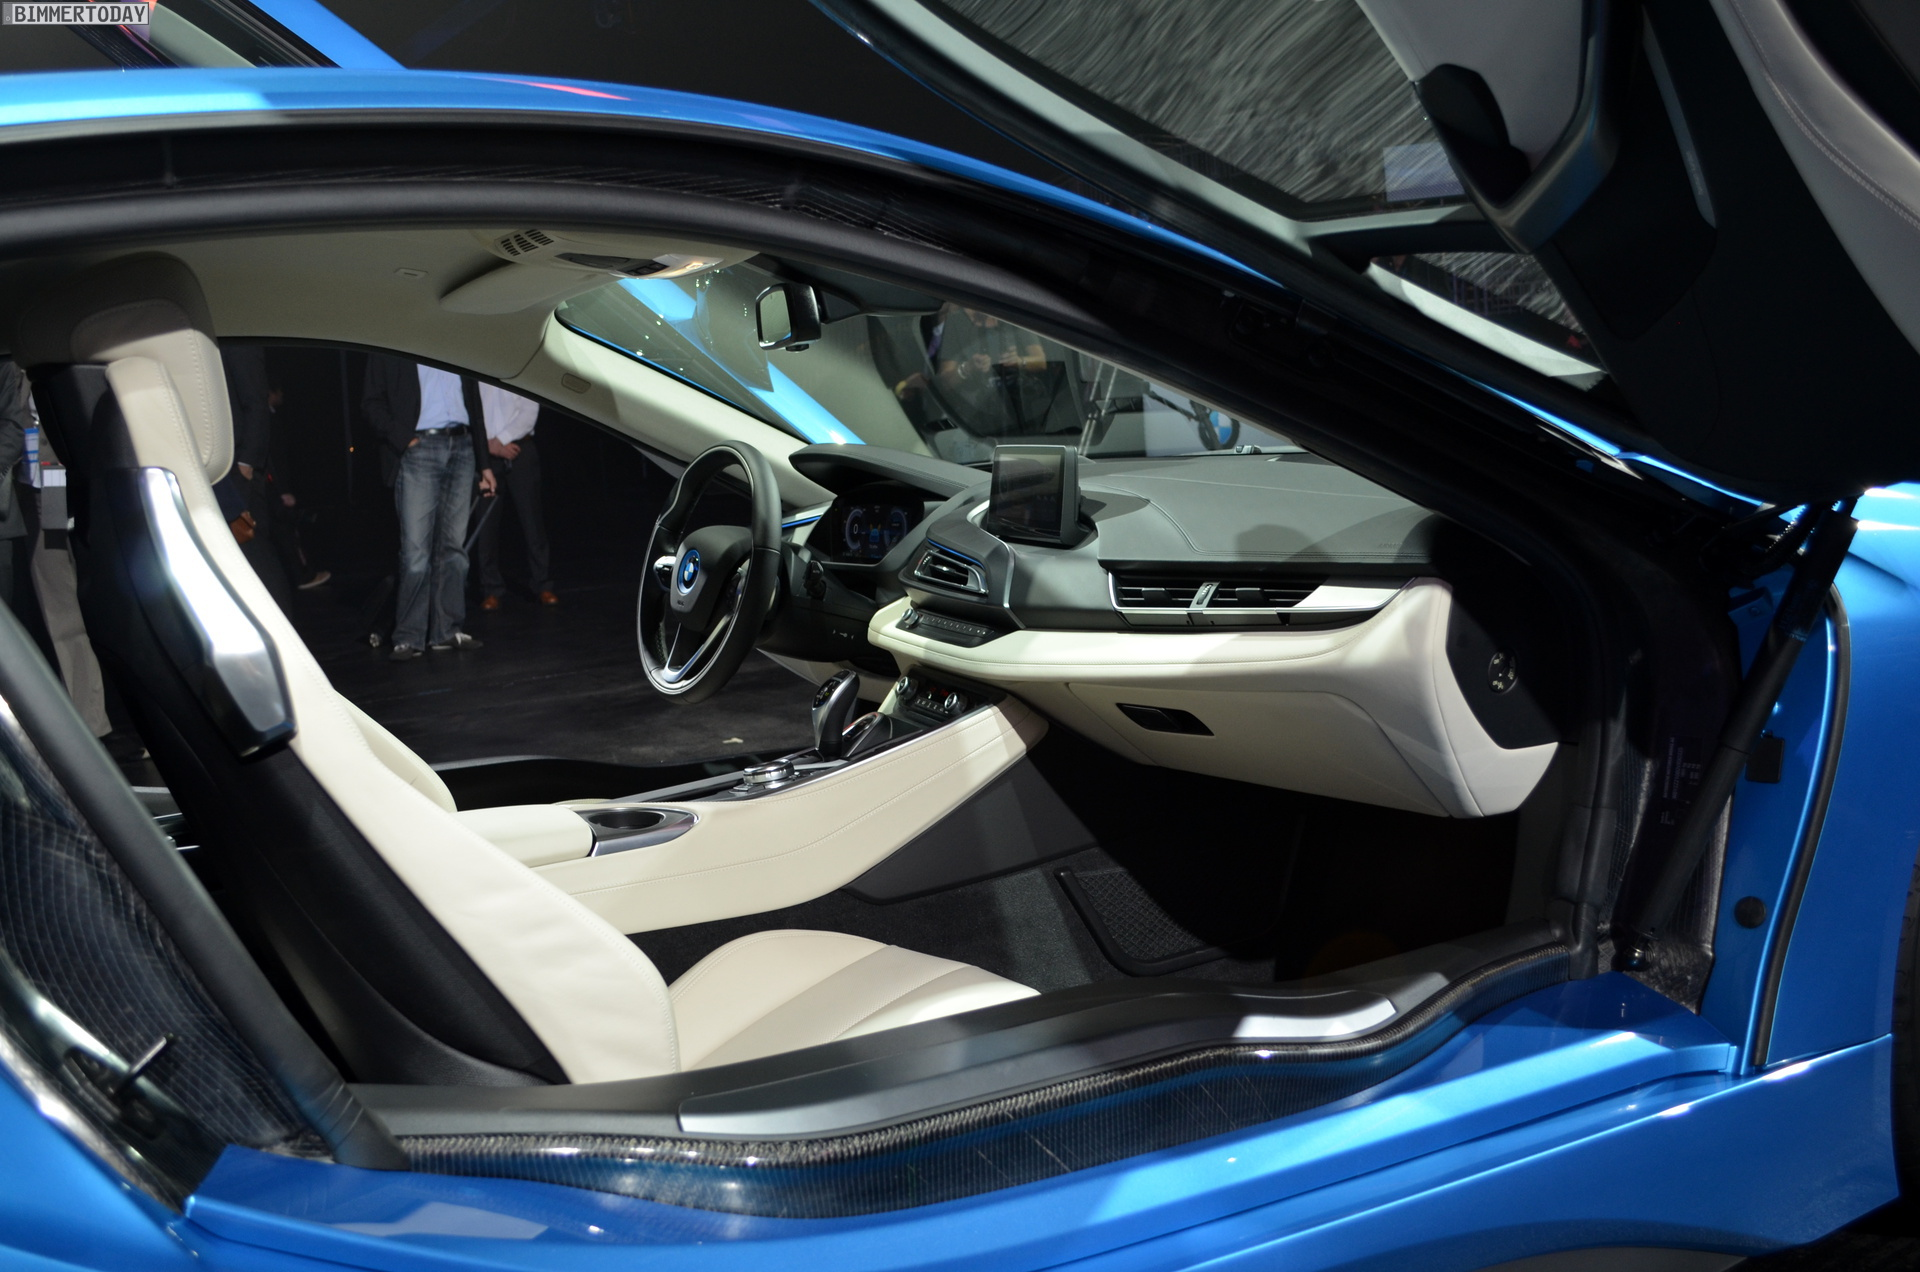 2013 - [BMW] i8 [i12] - Page 13 BMW-i8-Hybrid-eDrive-Weltpremiere-Protonic-Blue-IAA-2013-LIVE-21